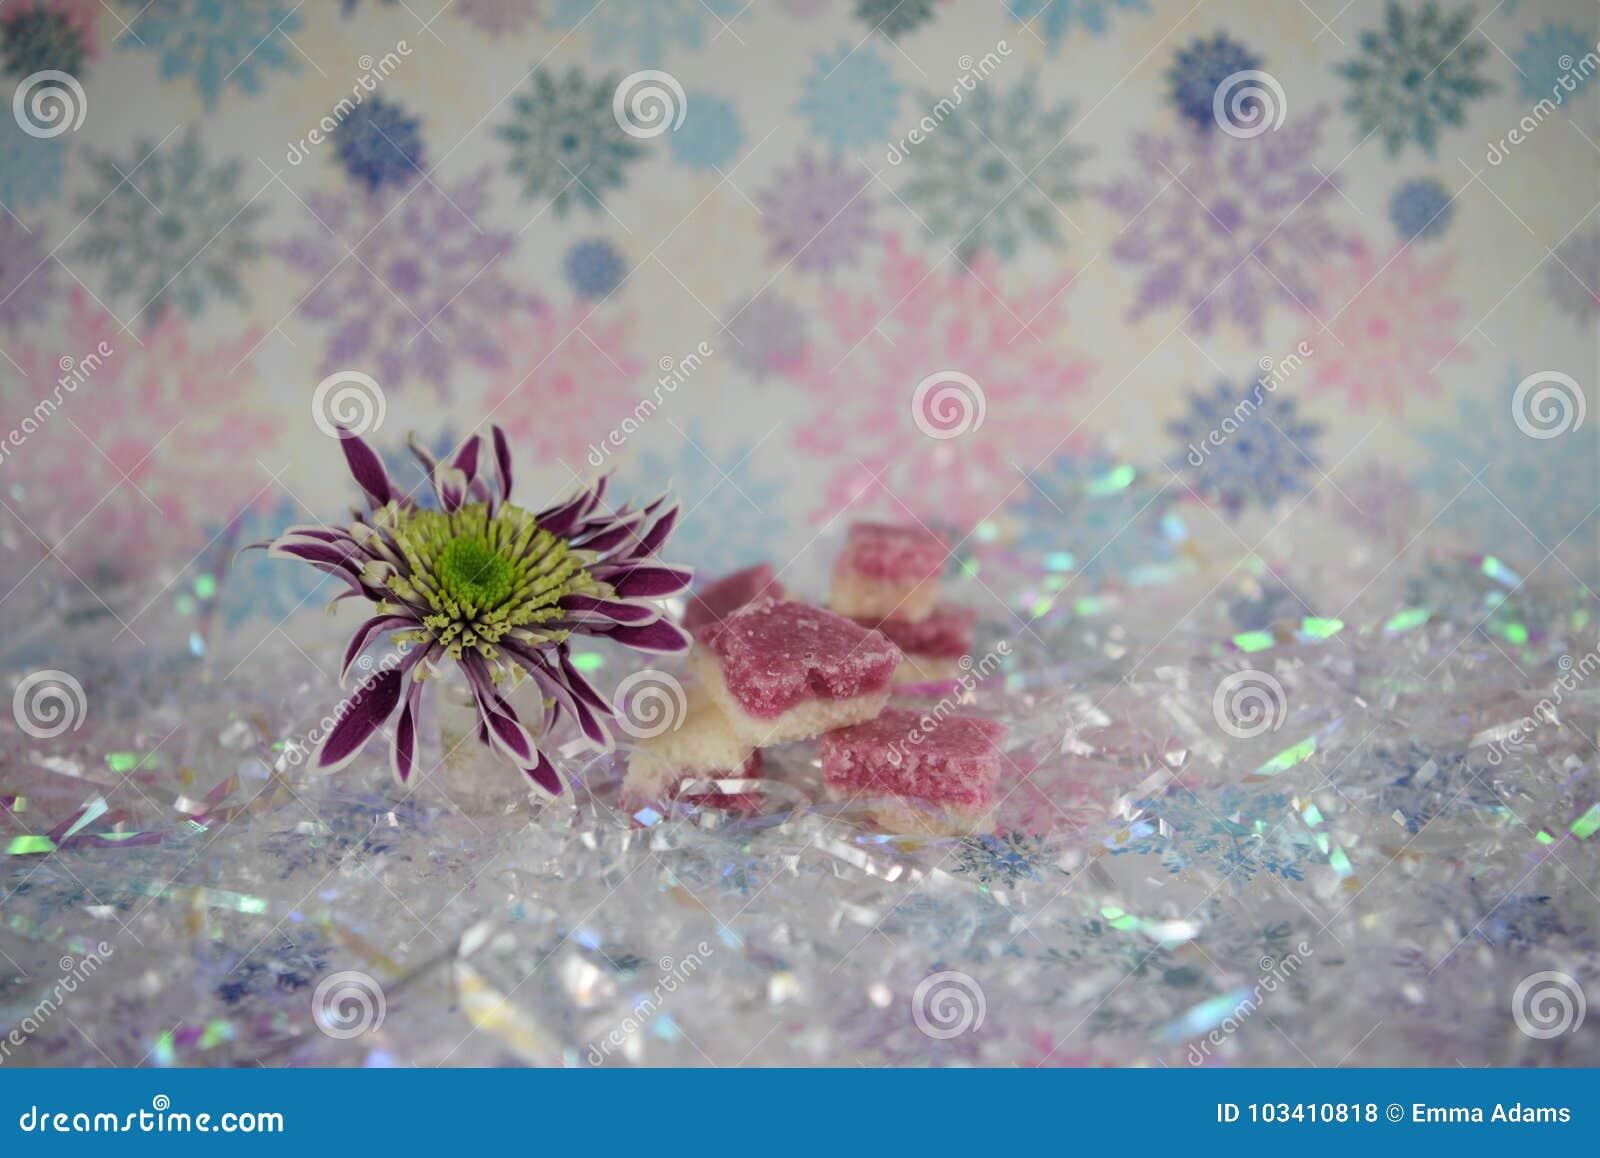 Imagen de la fotografía de la comida de la Navidad con los dulces ingleses pasados de moda del hielo de coco con el fondo de la f